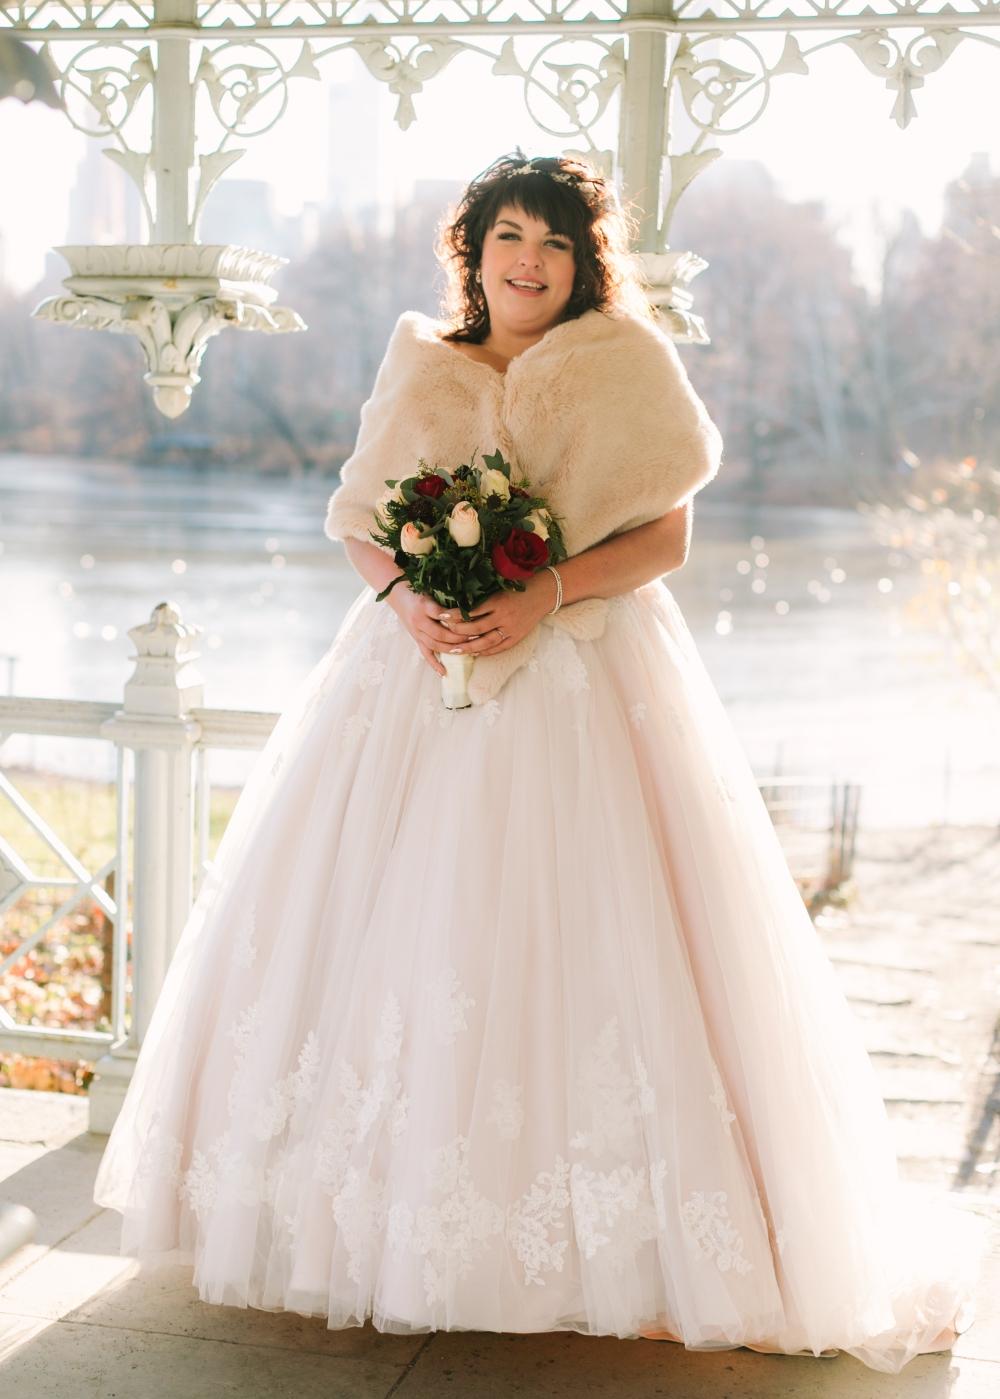 Central-park-wedding-JM-213